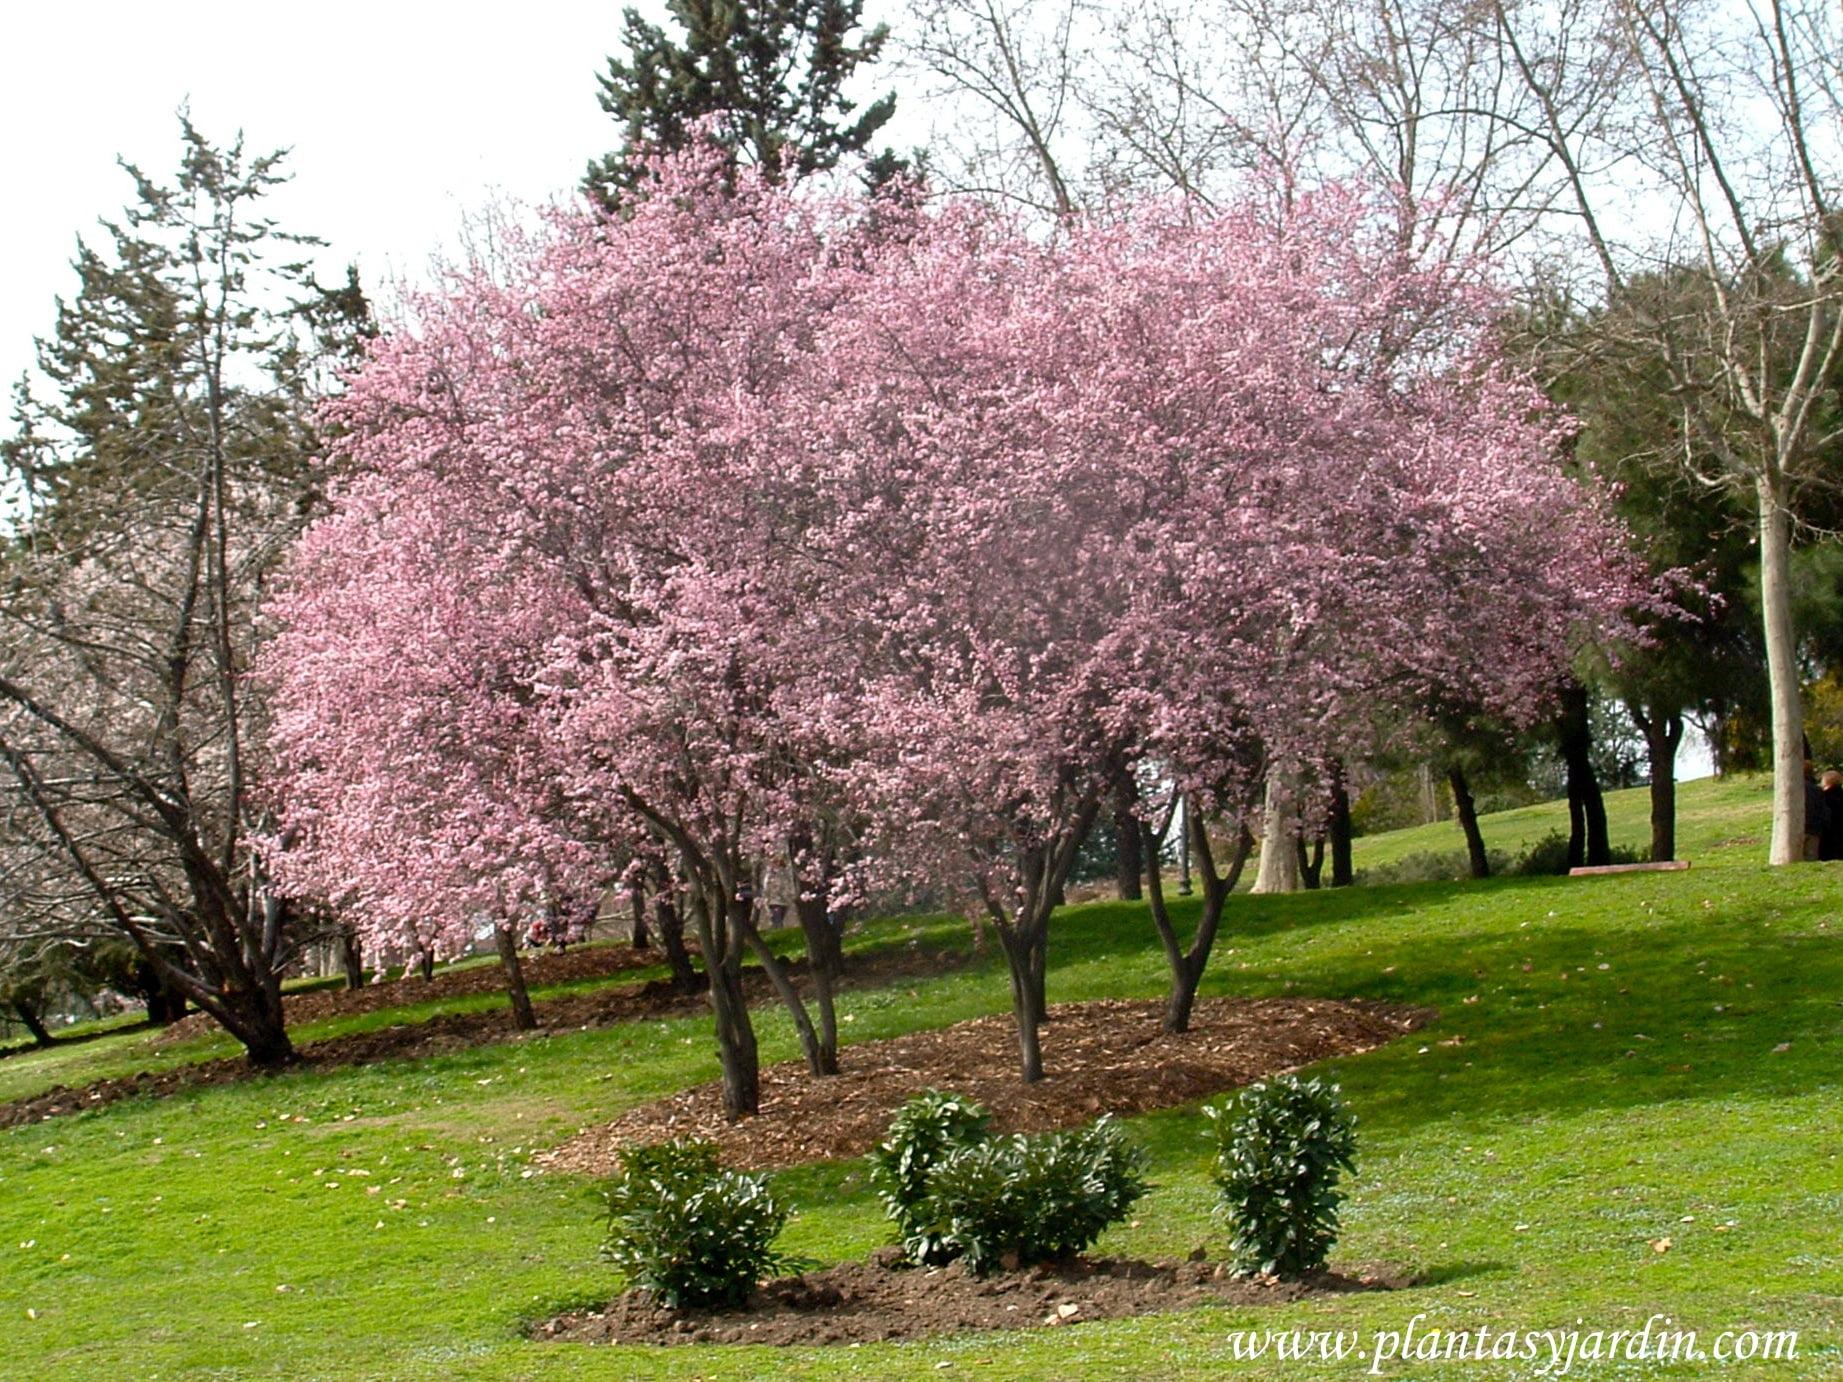 rboles ornamentales para jardines peque os plantas y jard n ForArboles Ornamentales Jardin